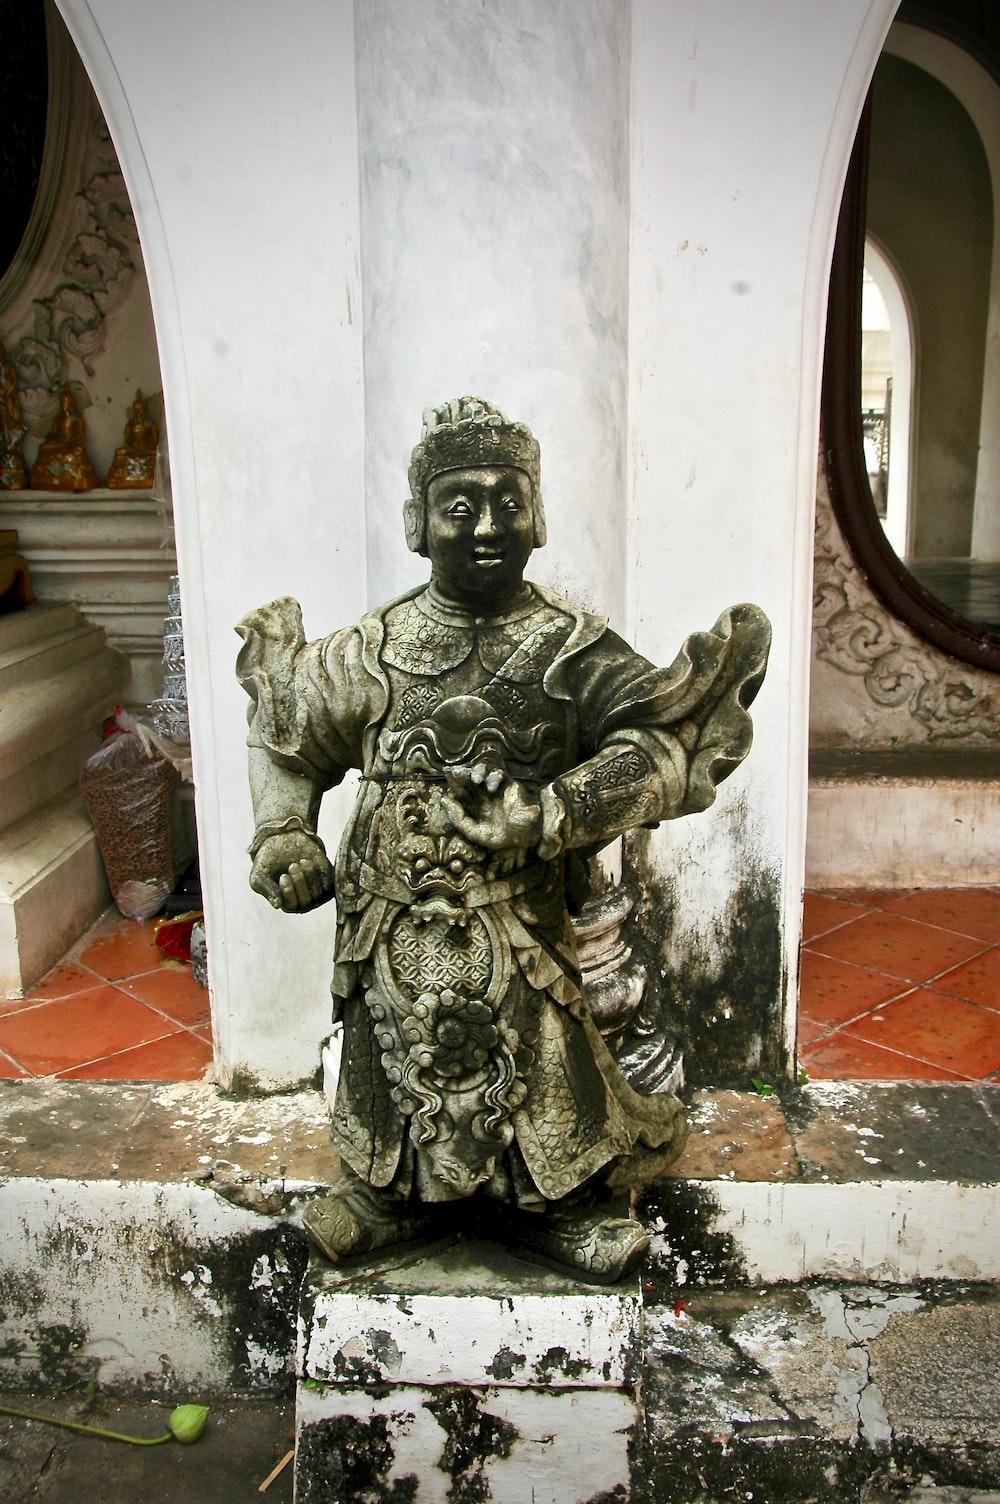 man wearing royal suit statue